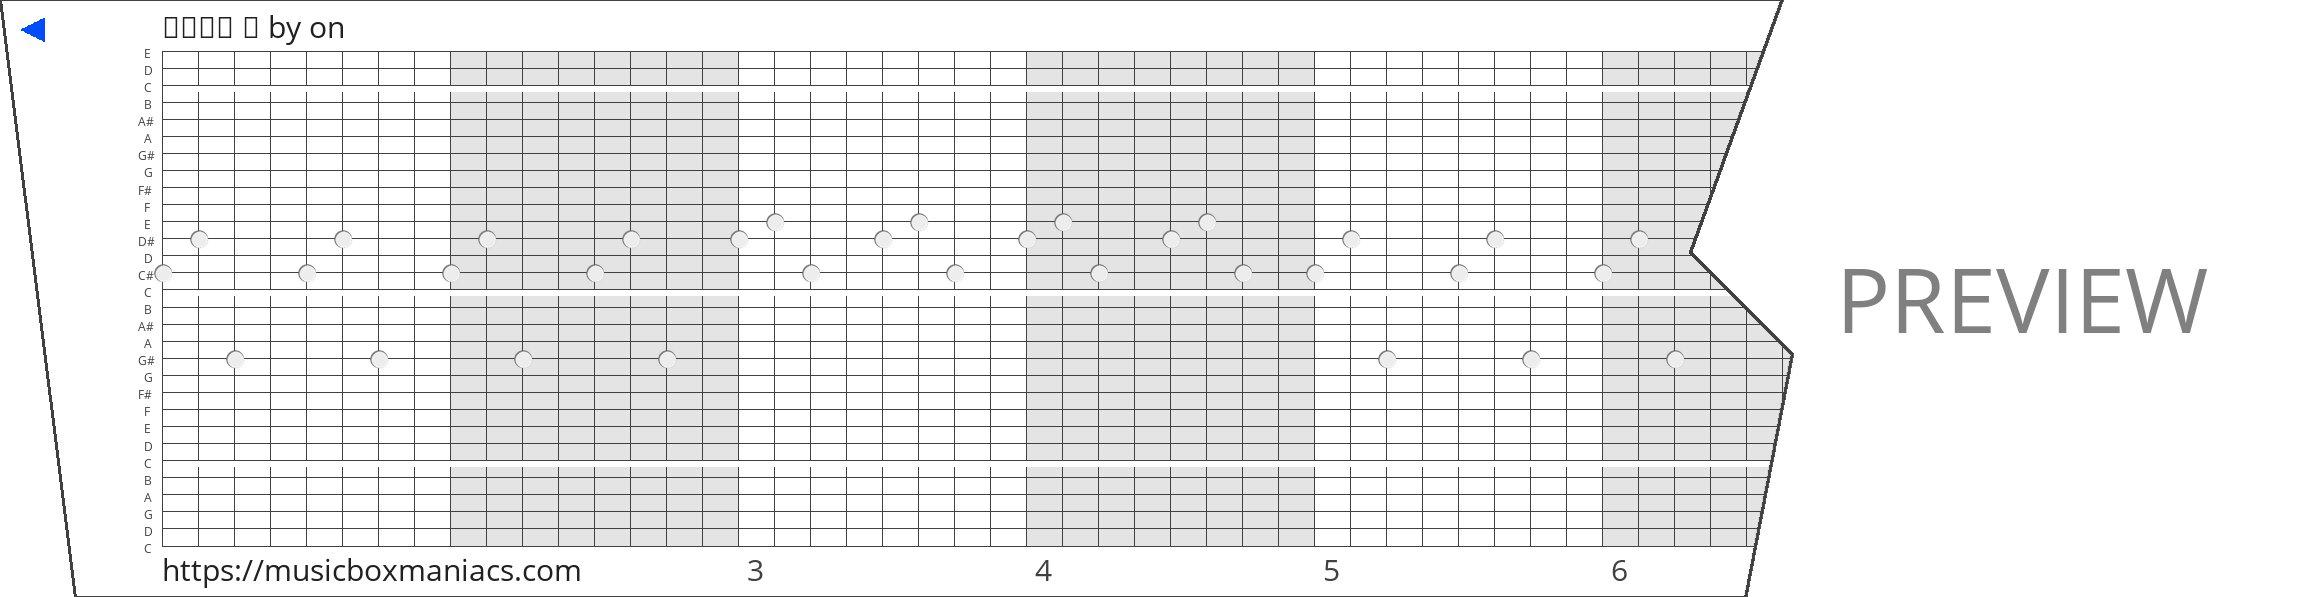 프롤로그 앞 30 note music box paper strip